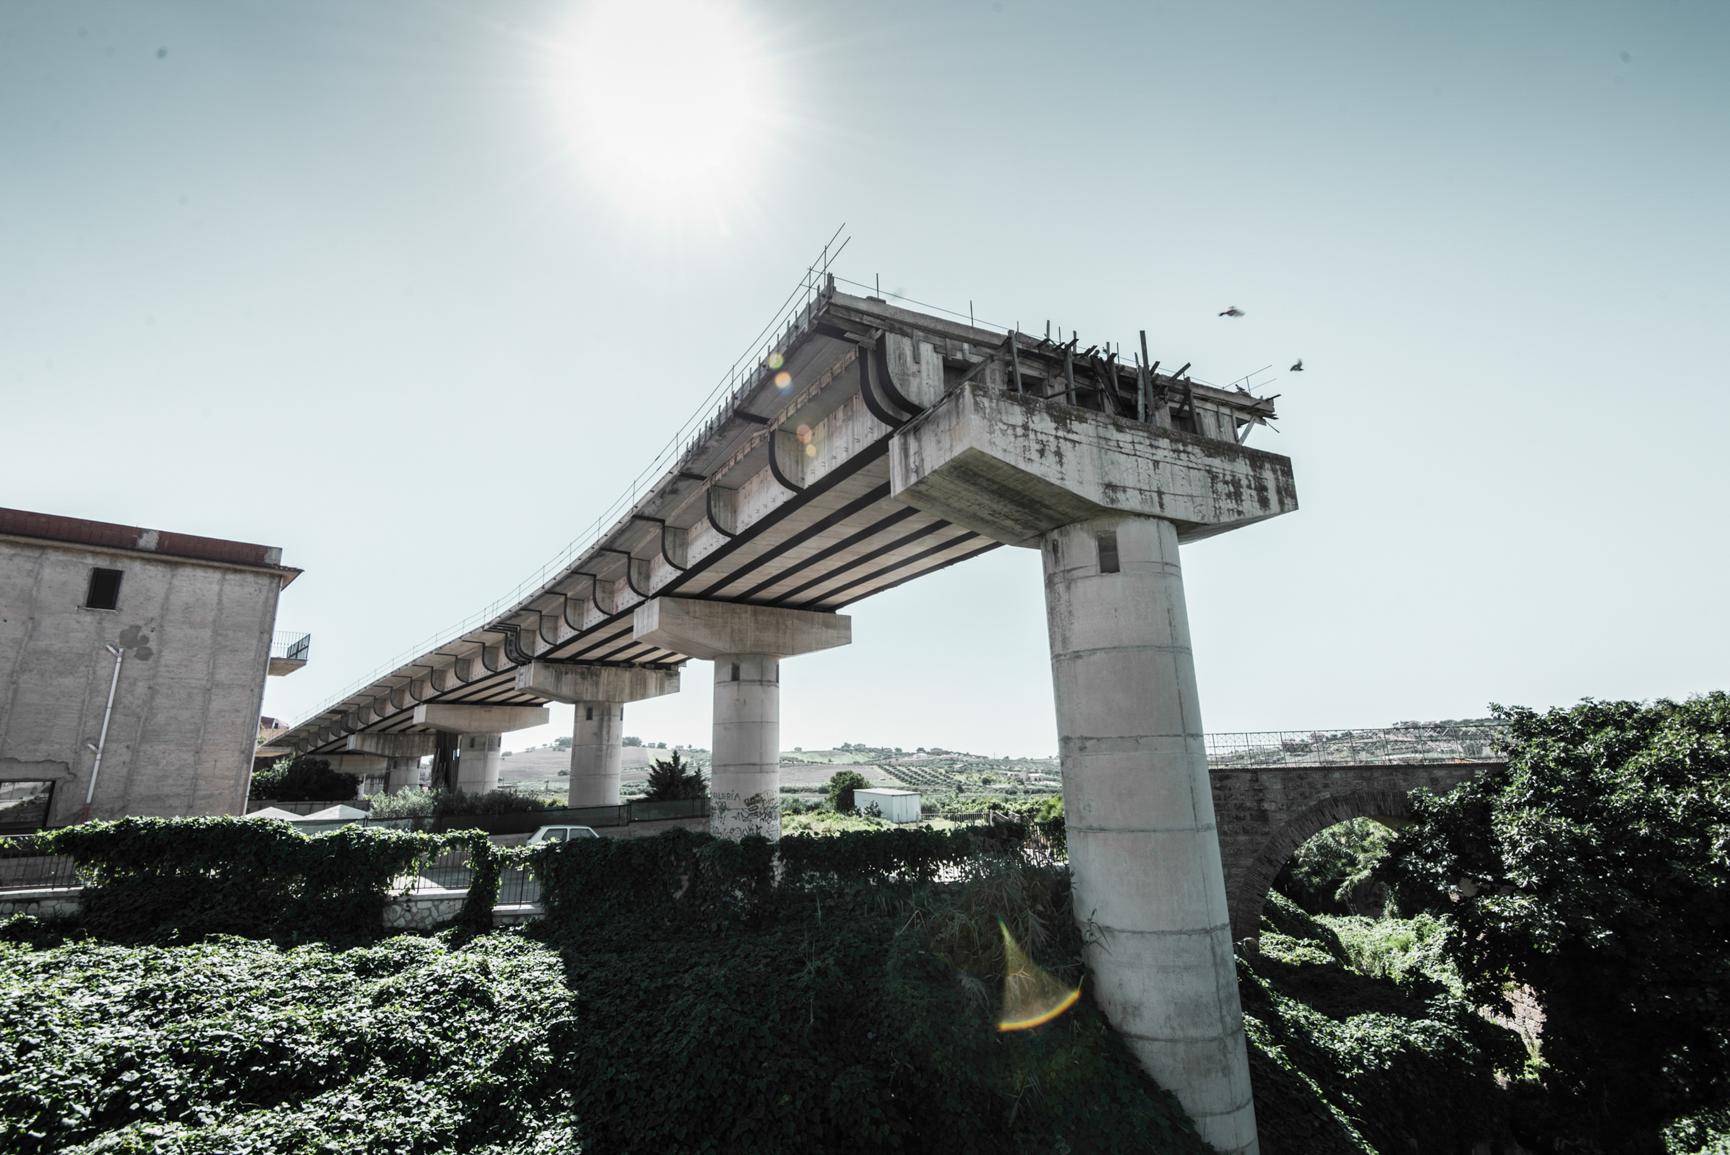 Siculiana (agrigento) ponte sospeso  (4).jpg